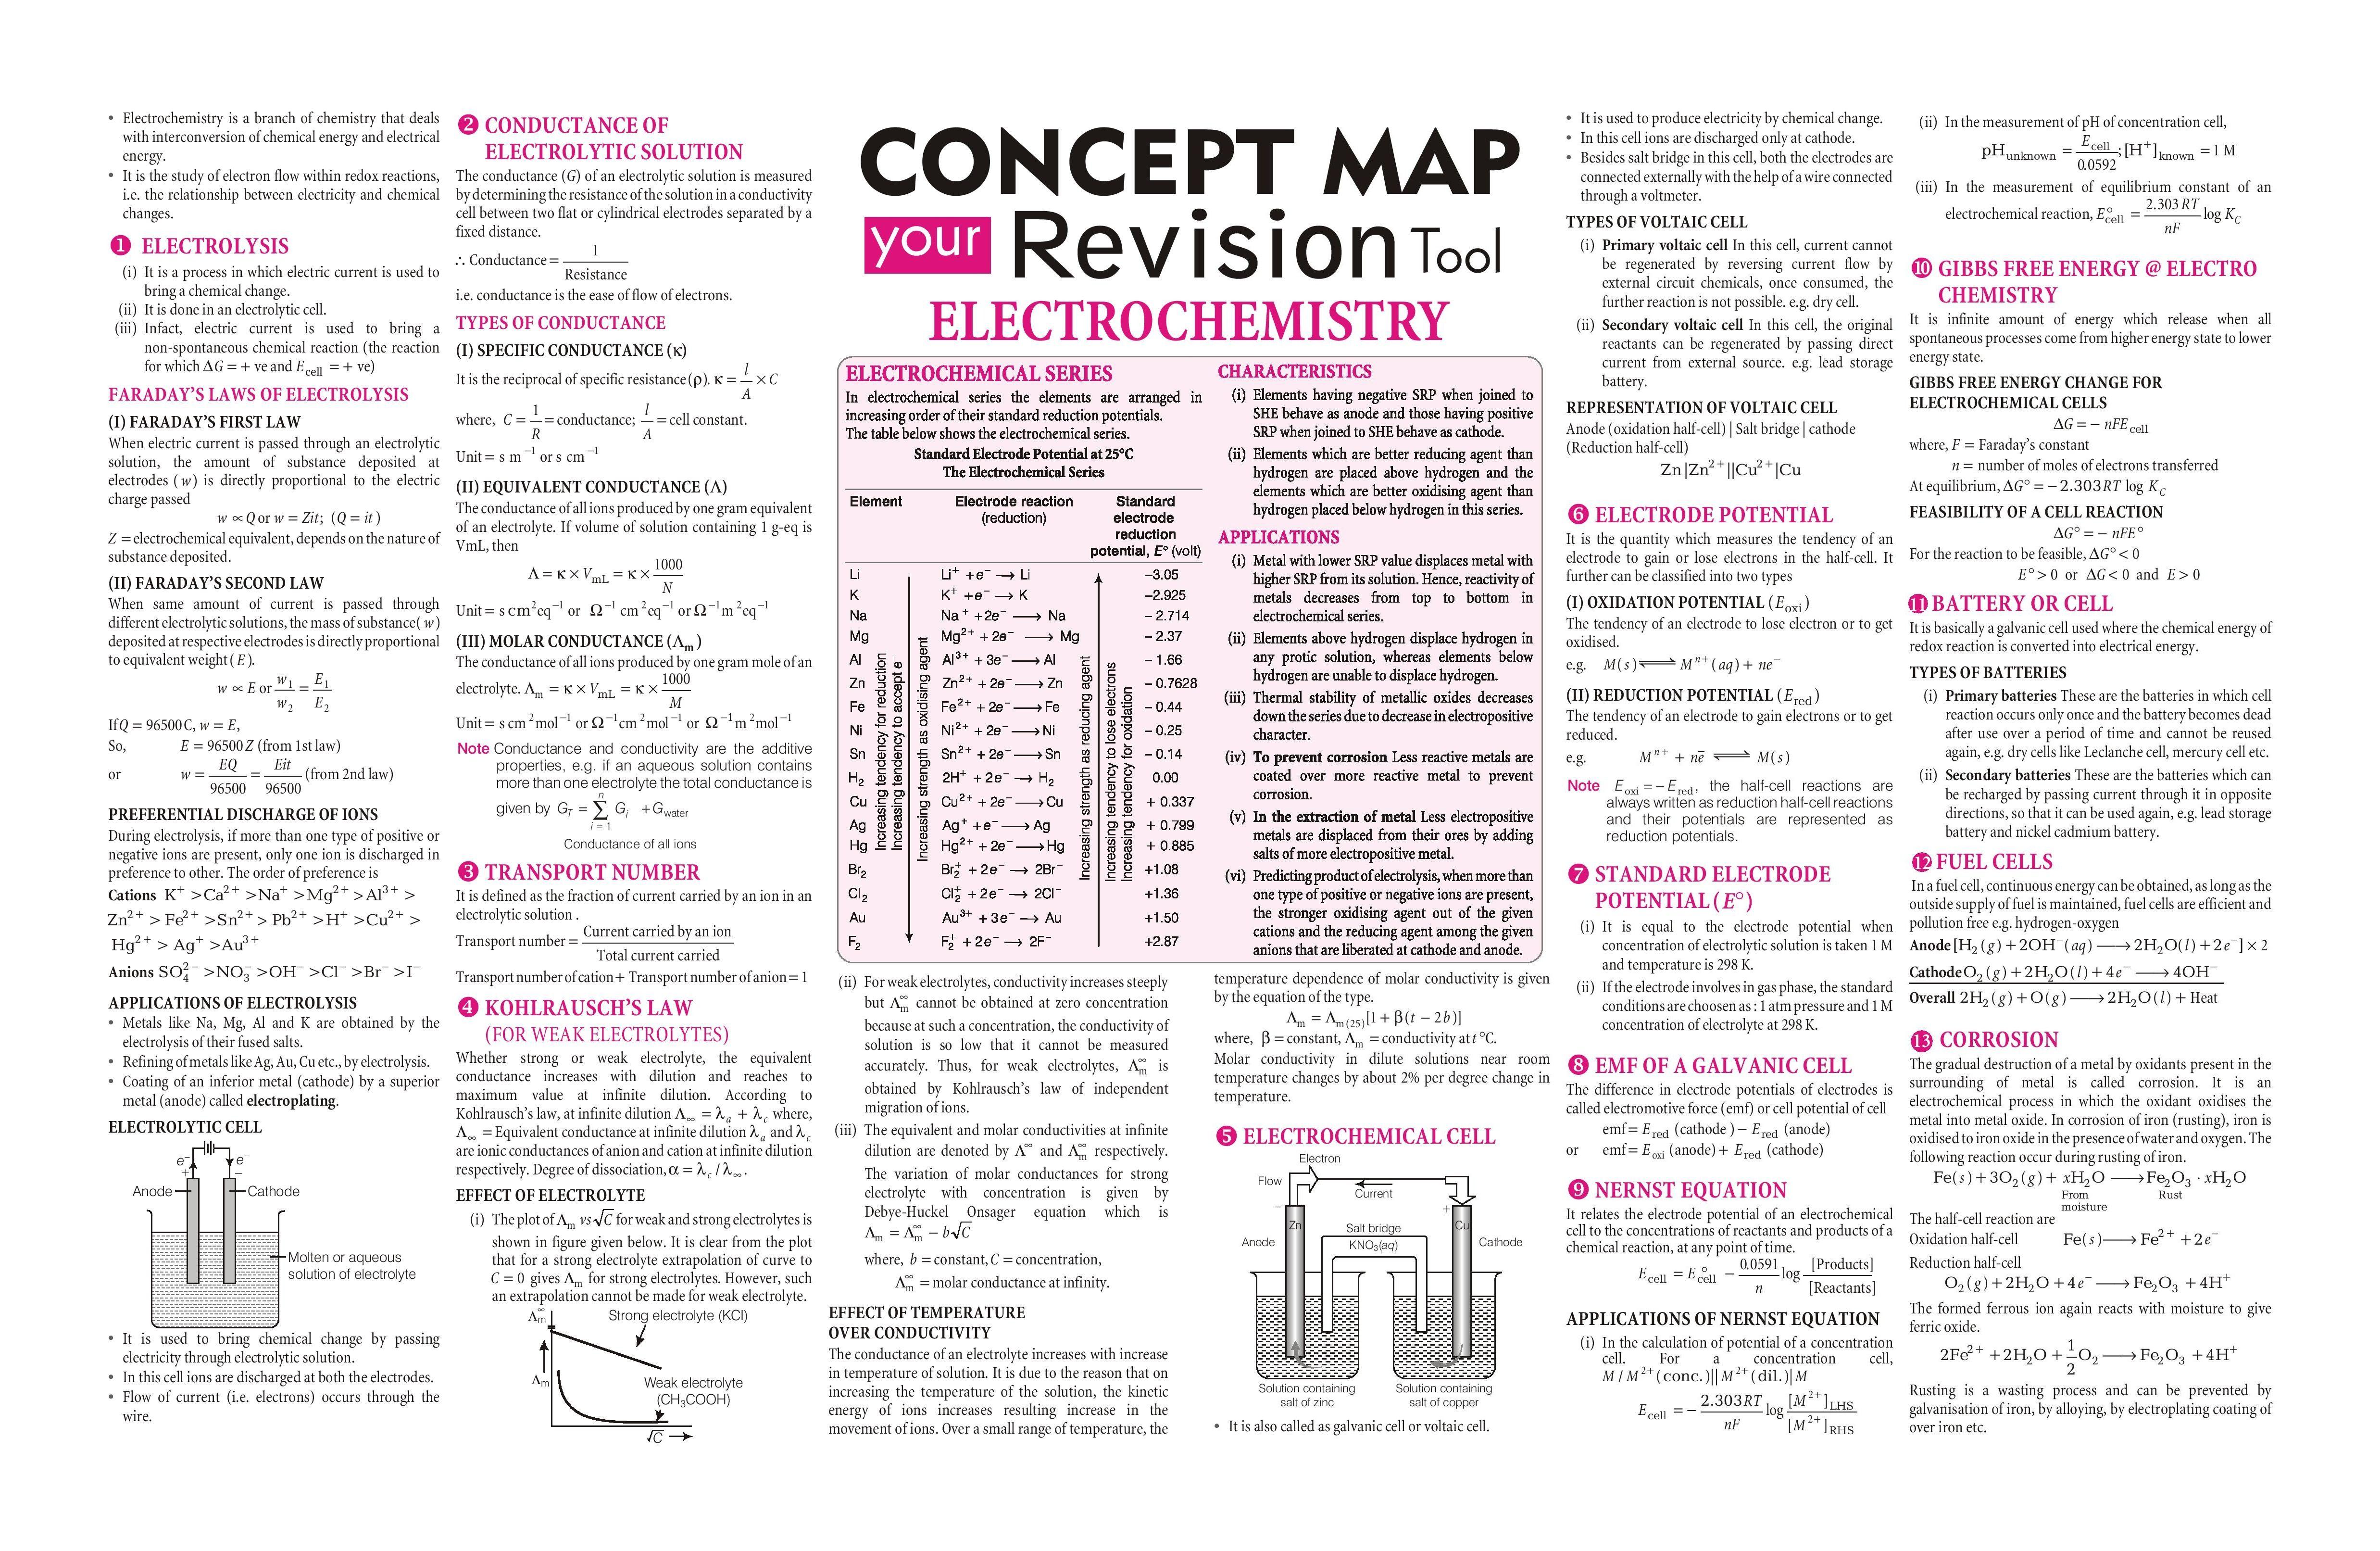 Electrochemistry Source 2016 Vol 9 Arihant Chemistry Spectrum Jeemain Jeeadvanced Chemistry Basics Chemistry Notes Chemistry Education